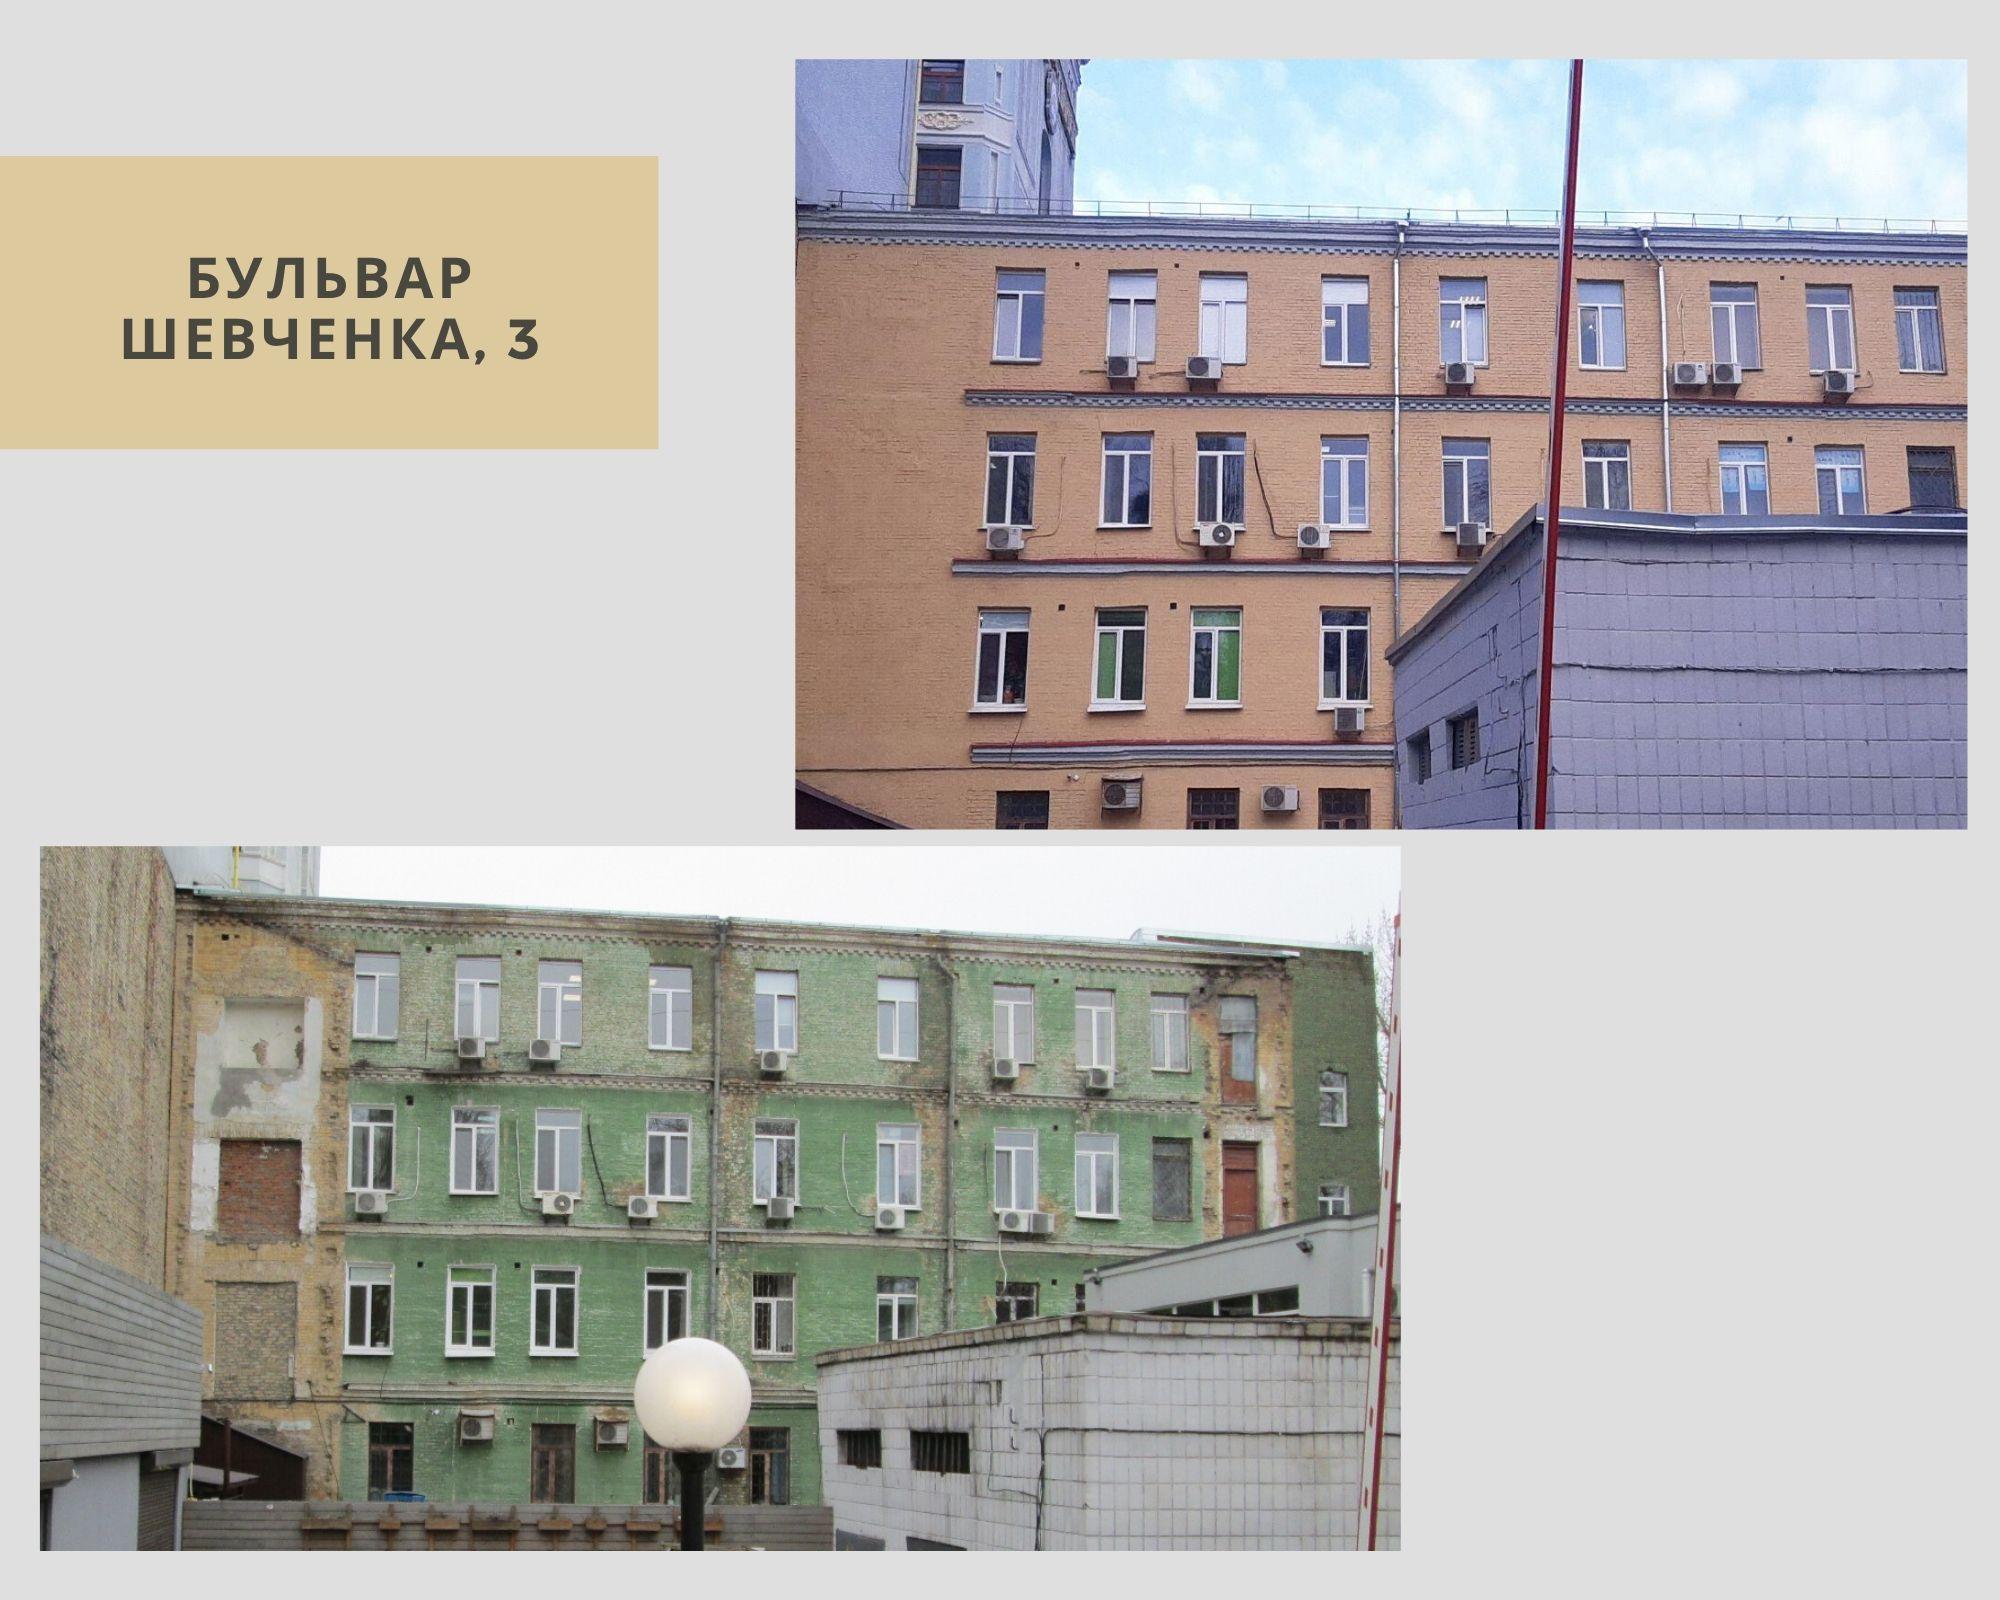 За последнее время было реставрировано несколько подобных исторических домов